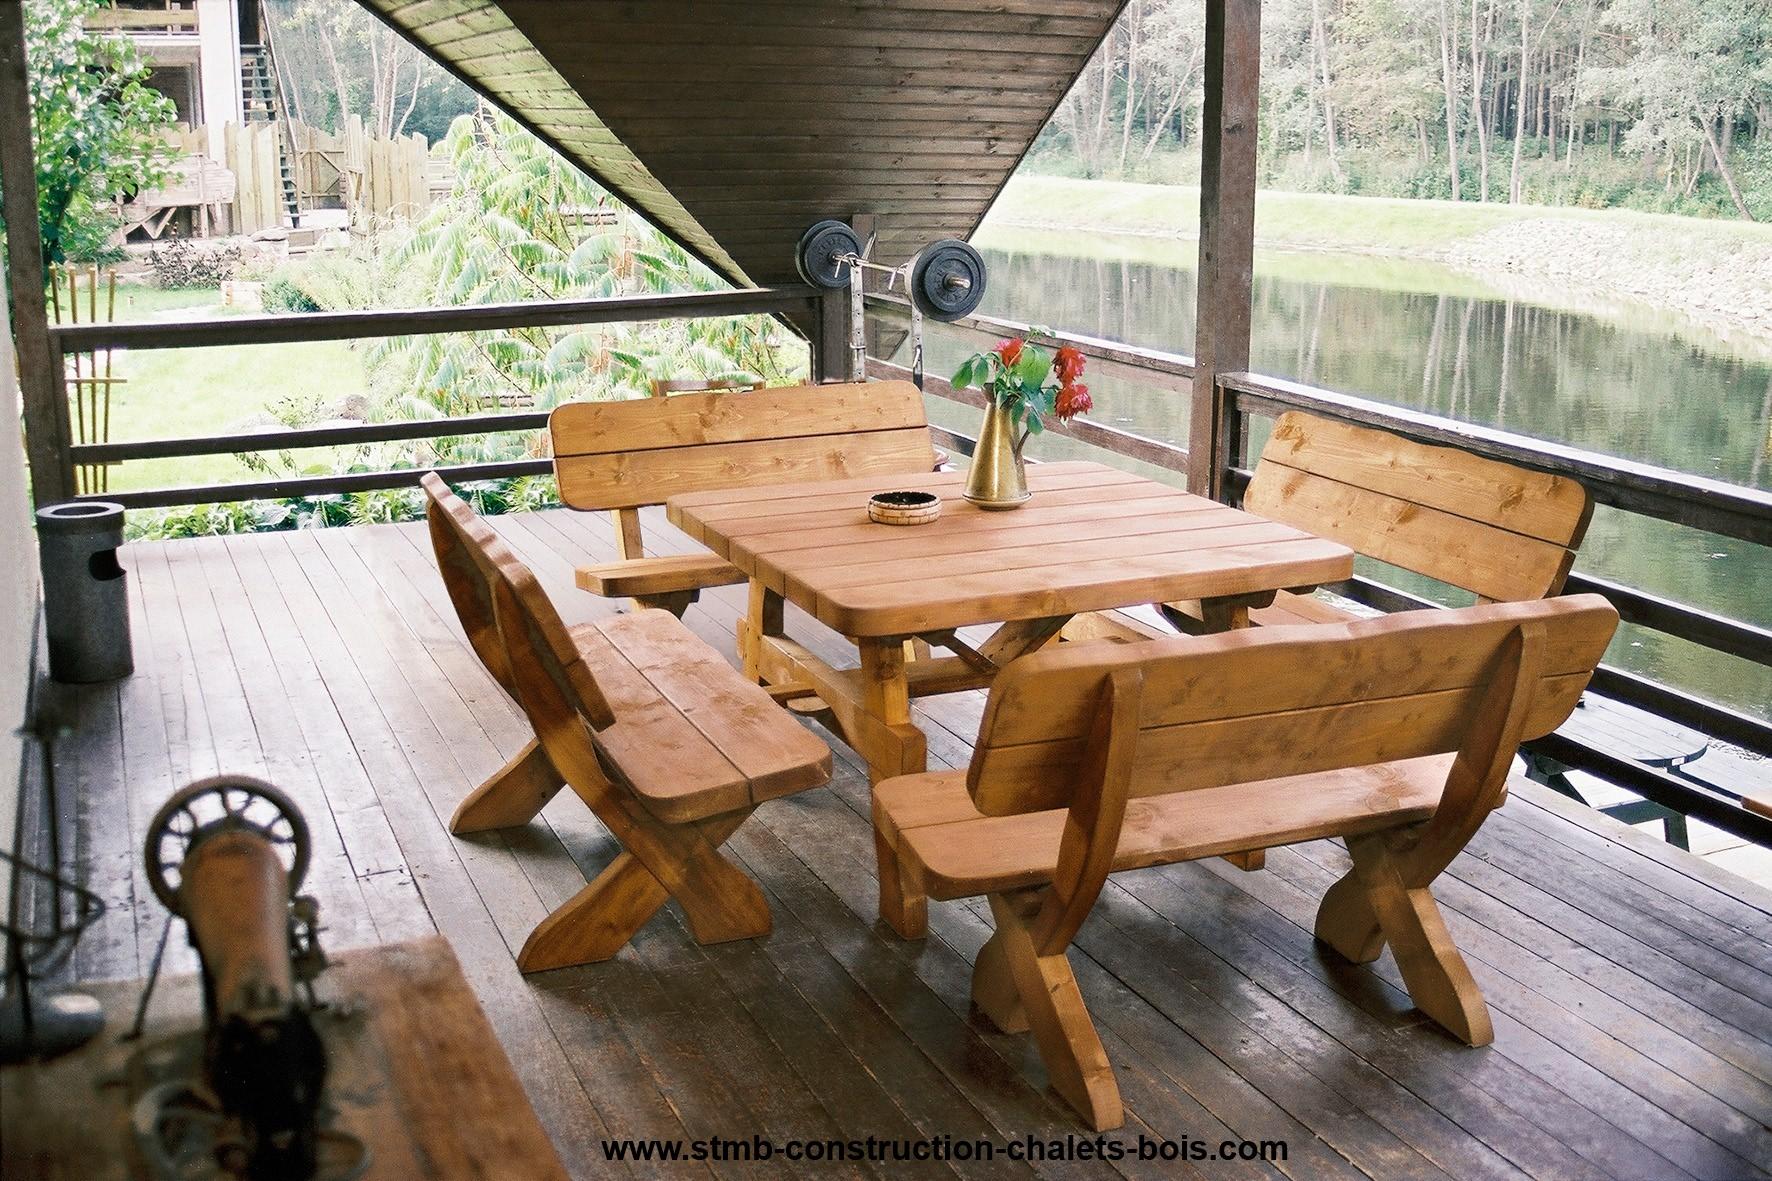 Salons de jardin en bois salon ext rieur en bois ensemble table chaise de jardin for Construire table de jardin en bois